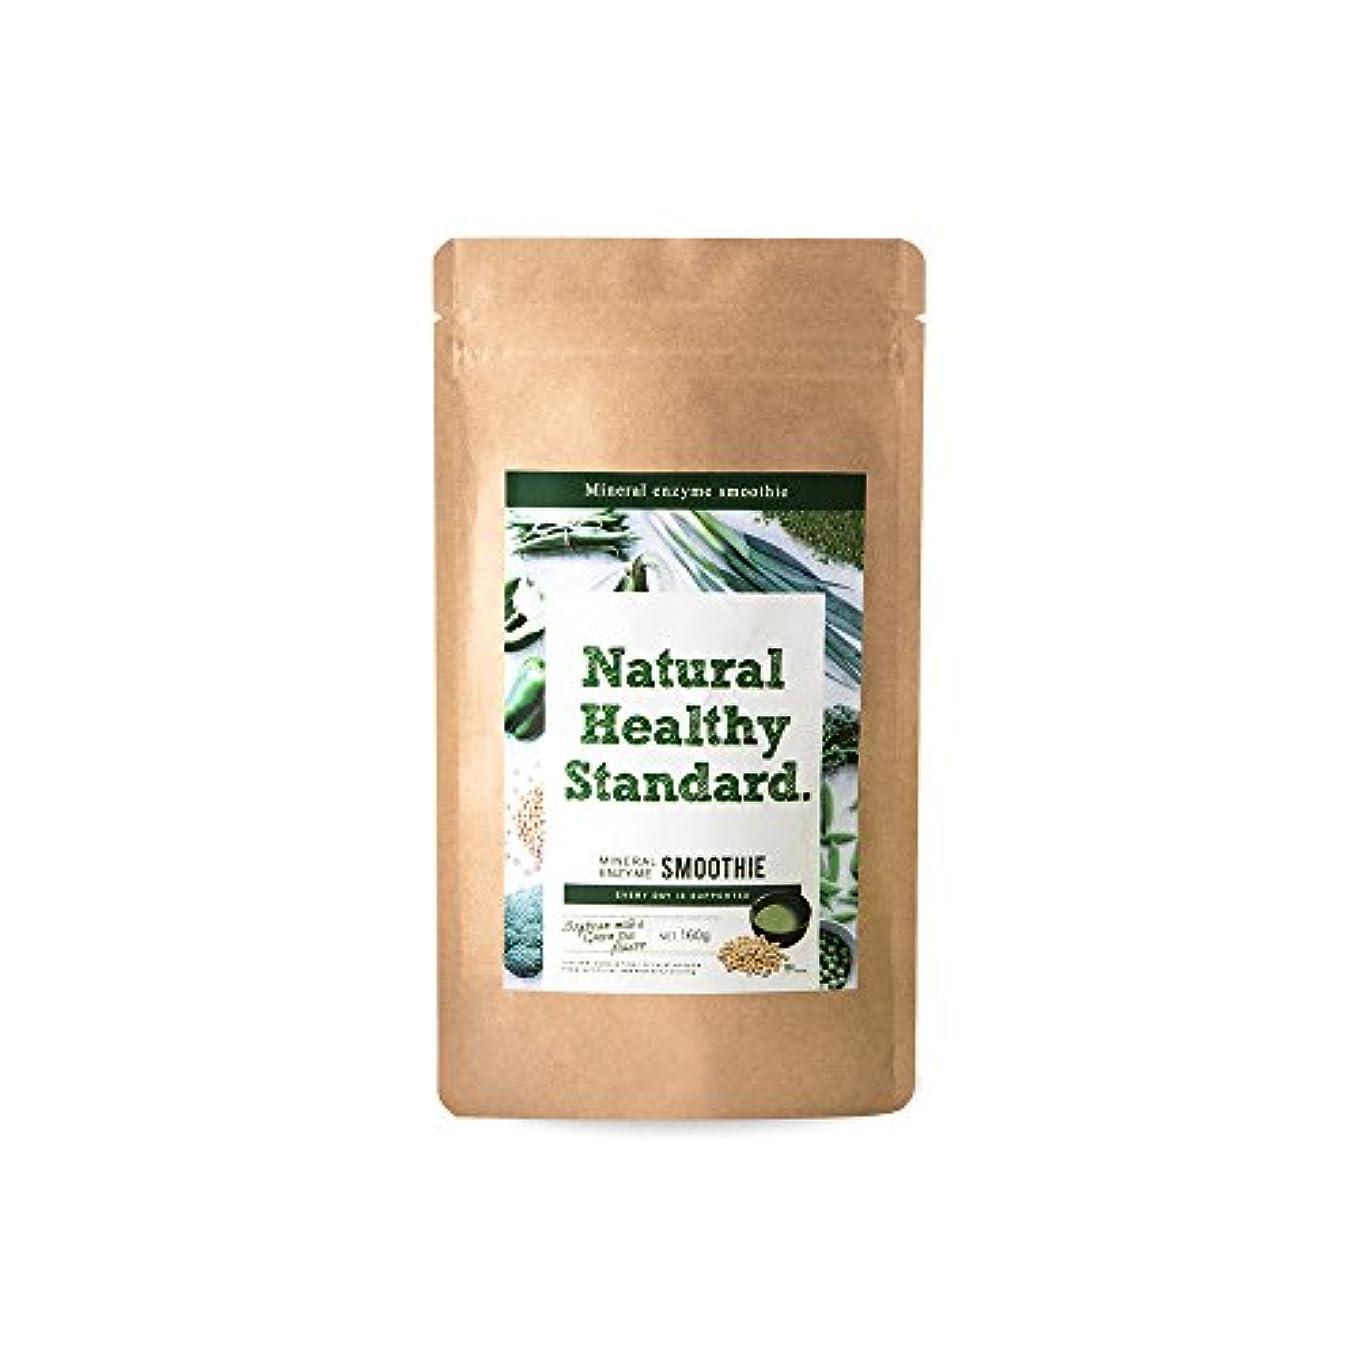 ラフ最終的に子音NaturalHealthyStandard(ナチュラルヘルシースタンダード) ミネラル酵素グリーンスムージー 豆乳抹茶味 160g